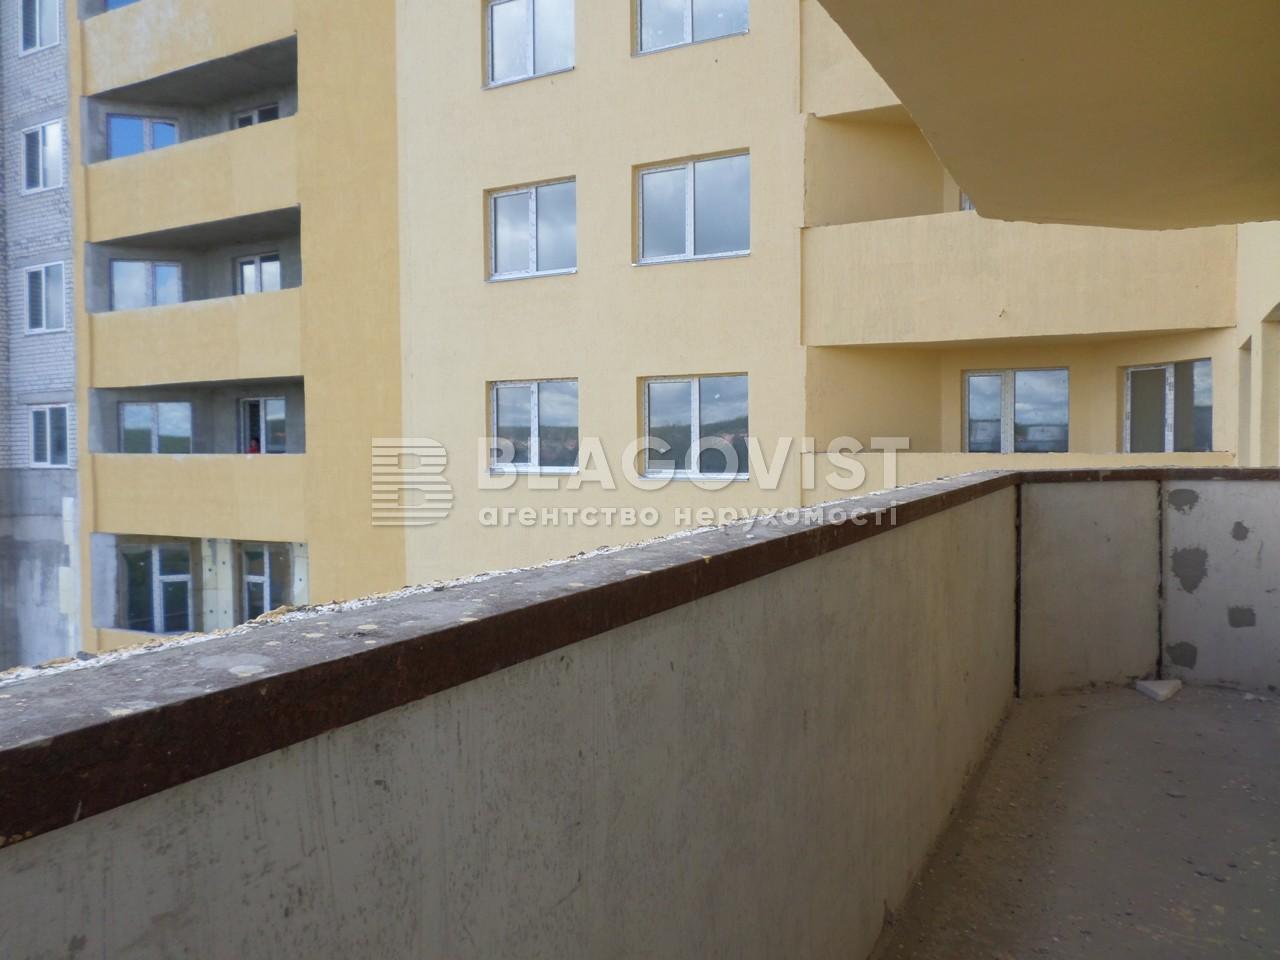 Квартира F-23980, Харченко Евгения (Ленина), 47б, Киев - Фото 12